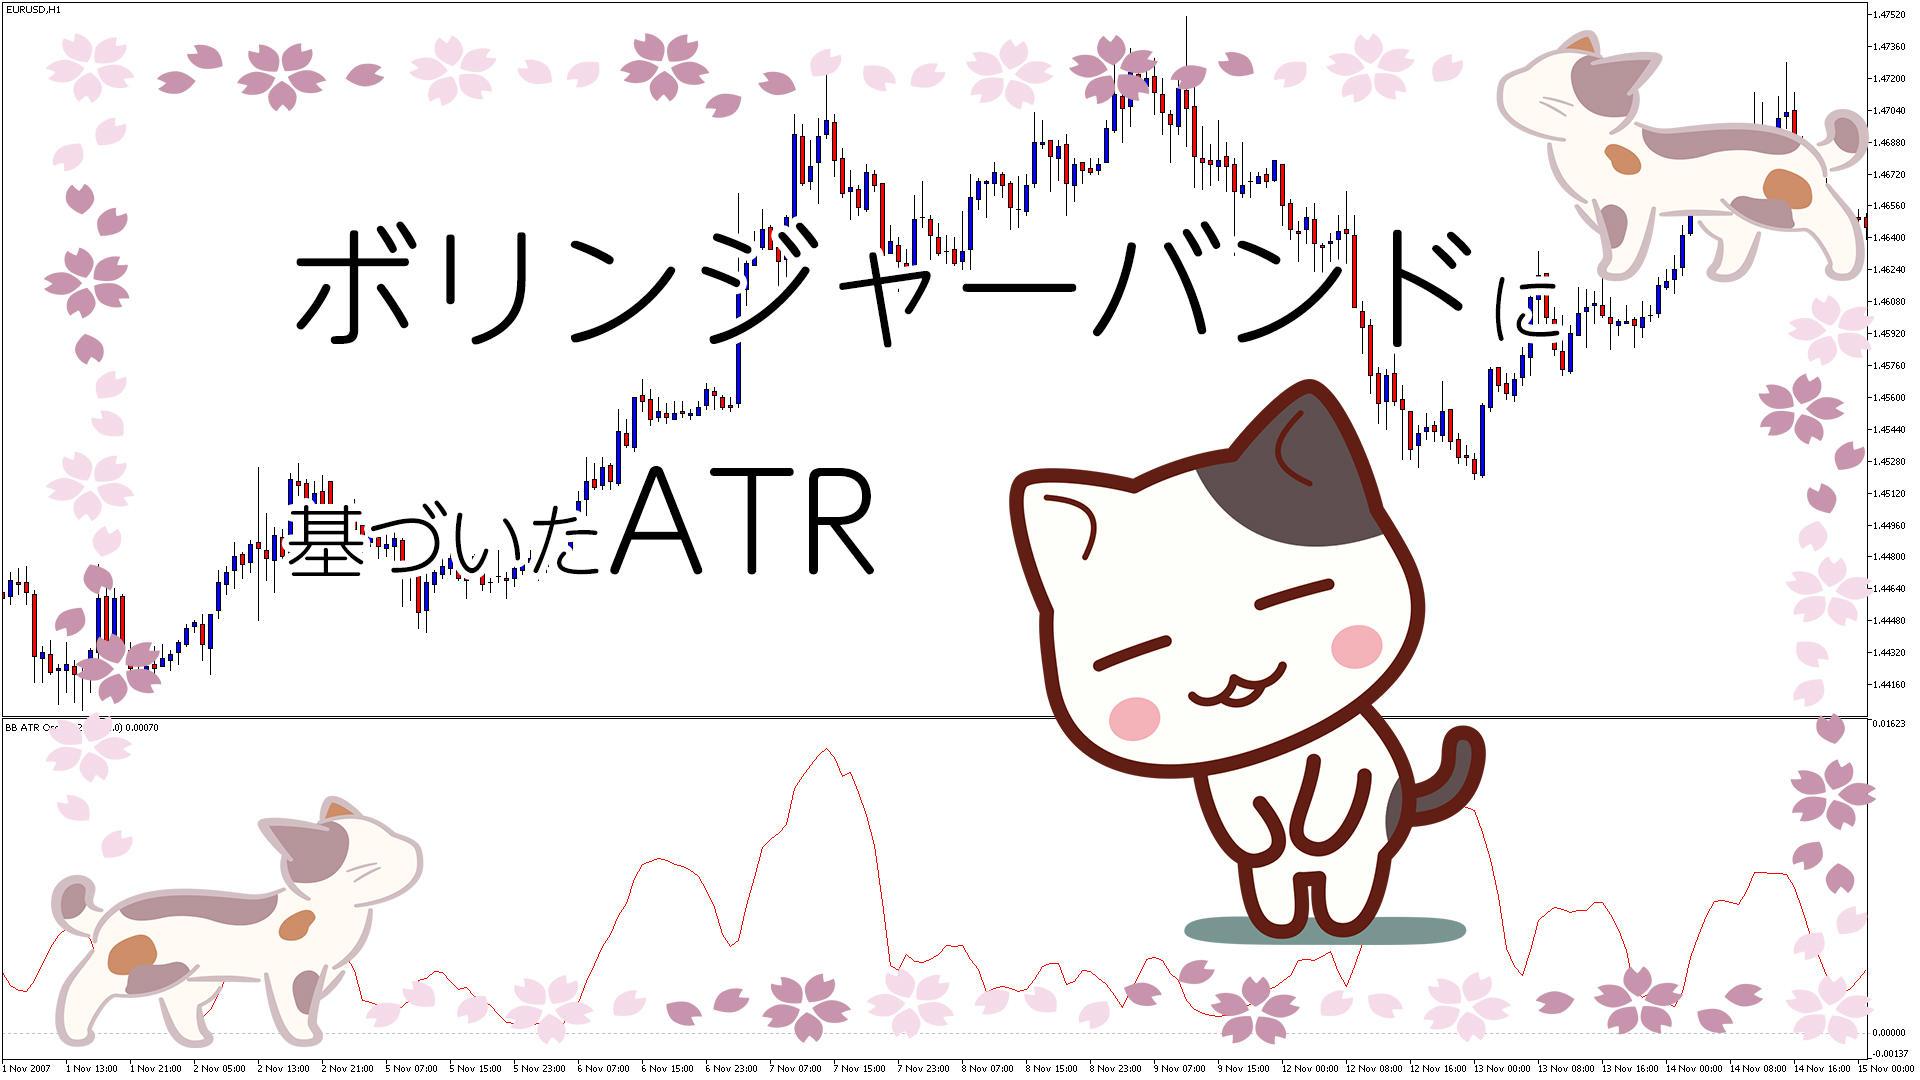 ボリンジャーバンドに基づいたATRを表示するMT5インジケータ-「BB_ATR_Oscillator」